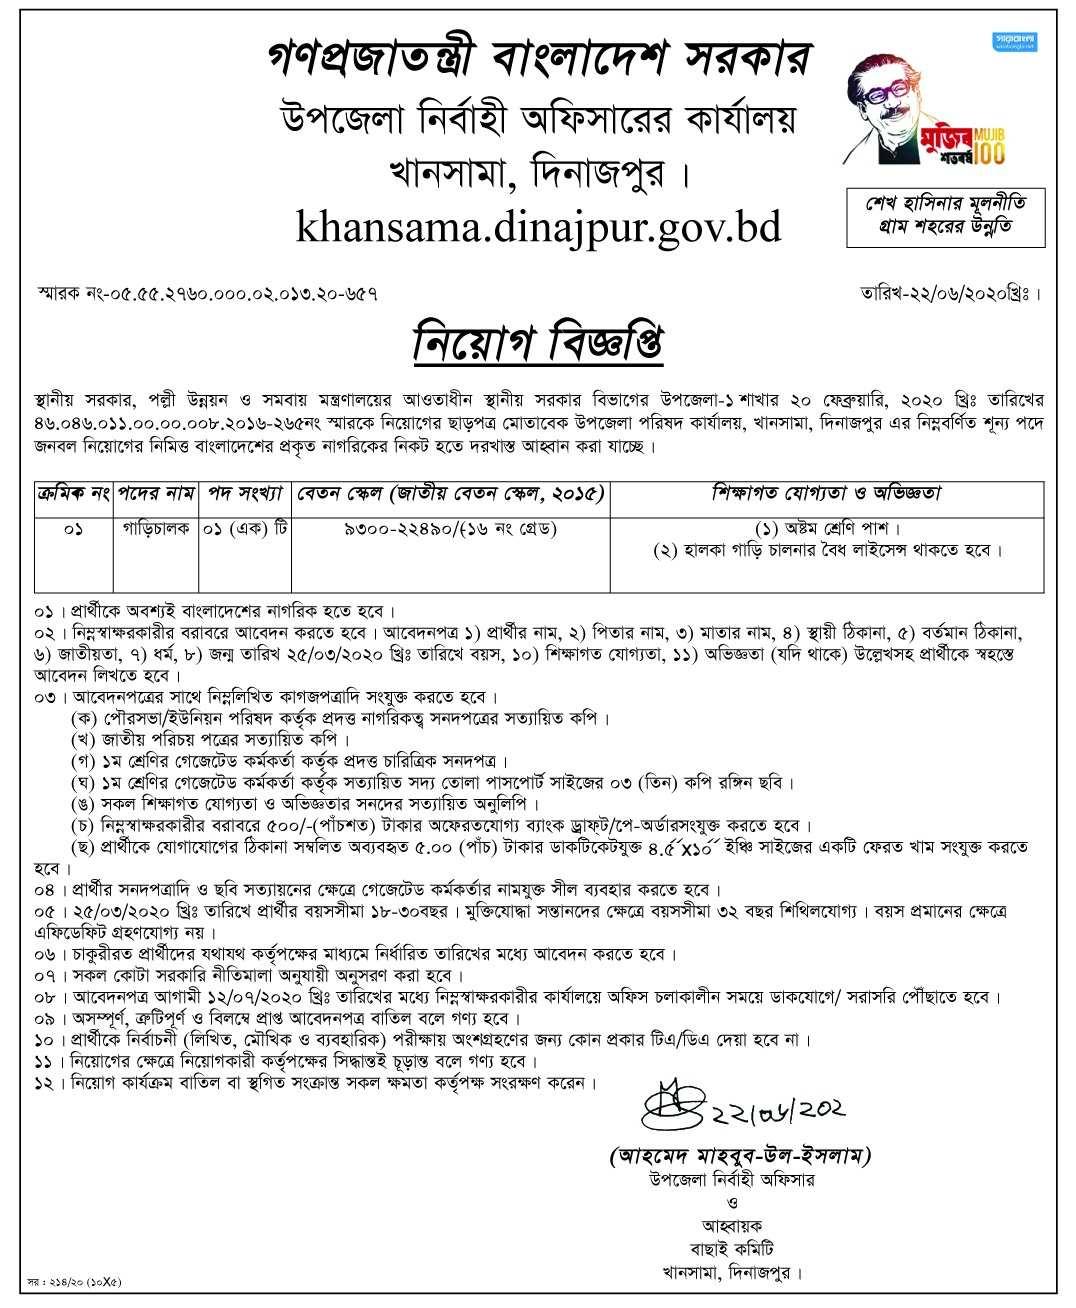 Upazila Parishad Job Circular 2020